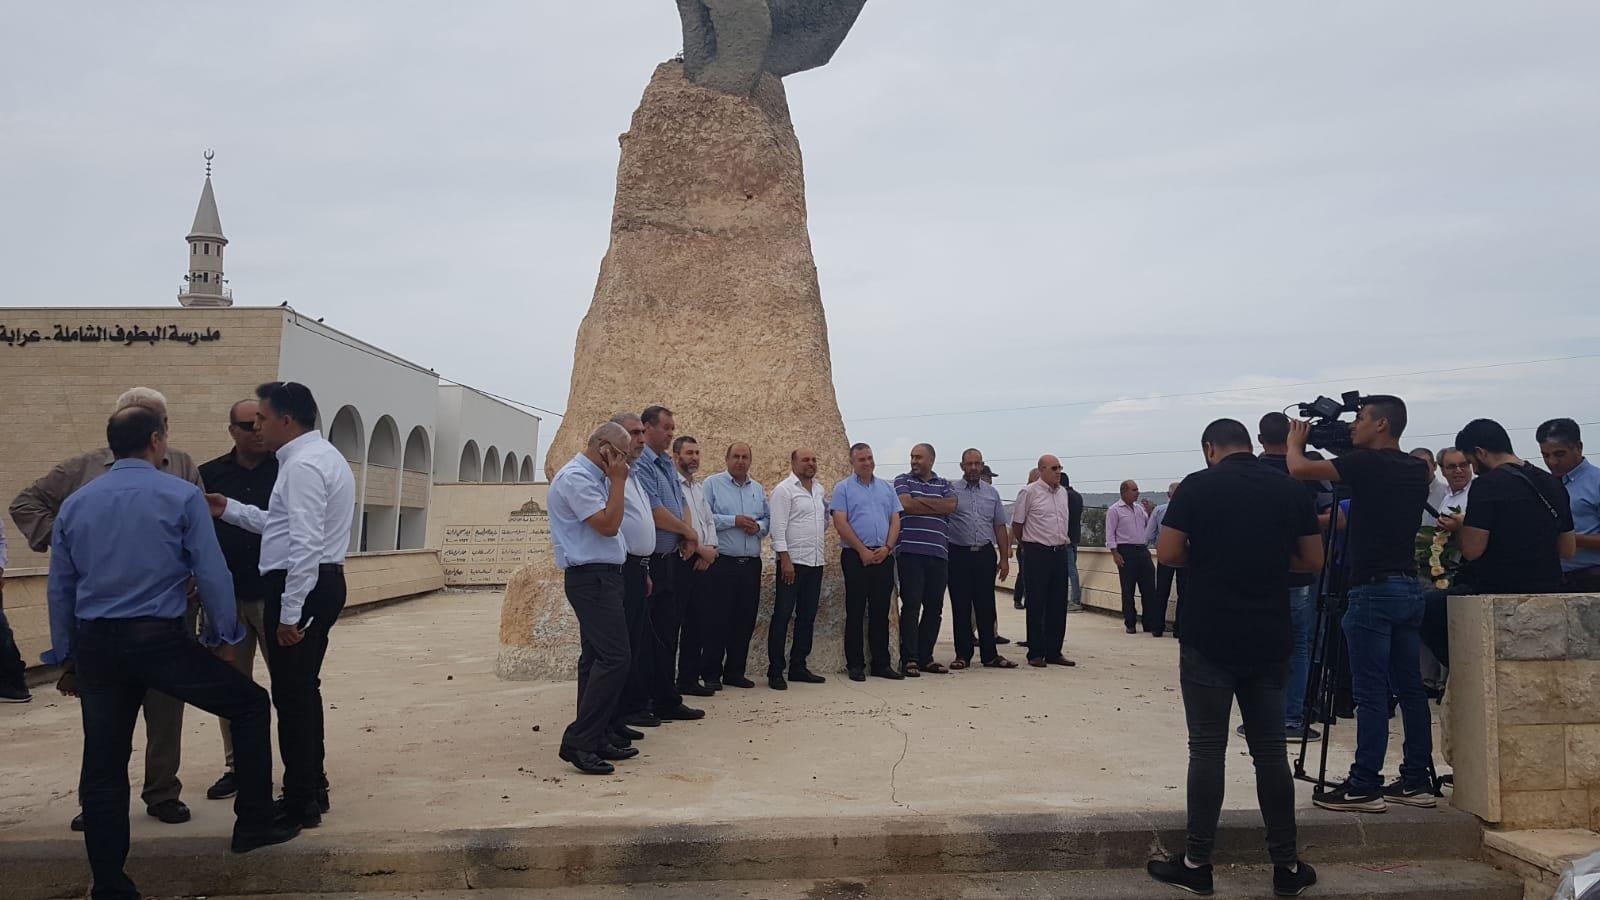 انطلاق فعاليّات احياء الذكرى الـ18 لإنتفاضة القدس والأقصى